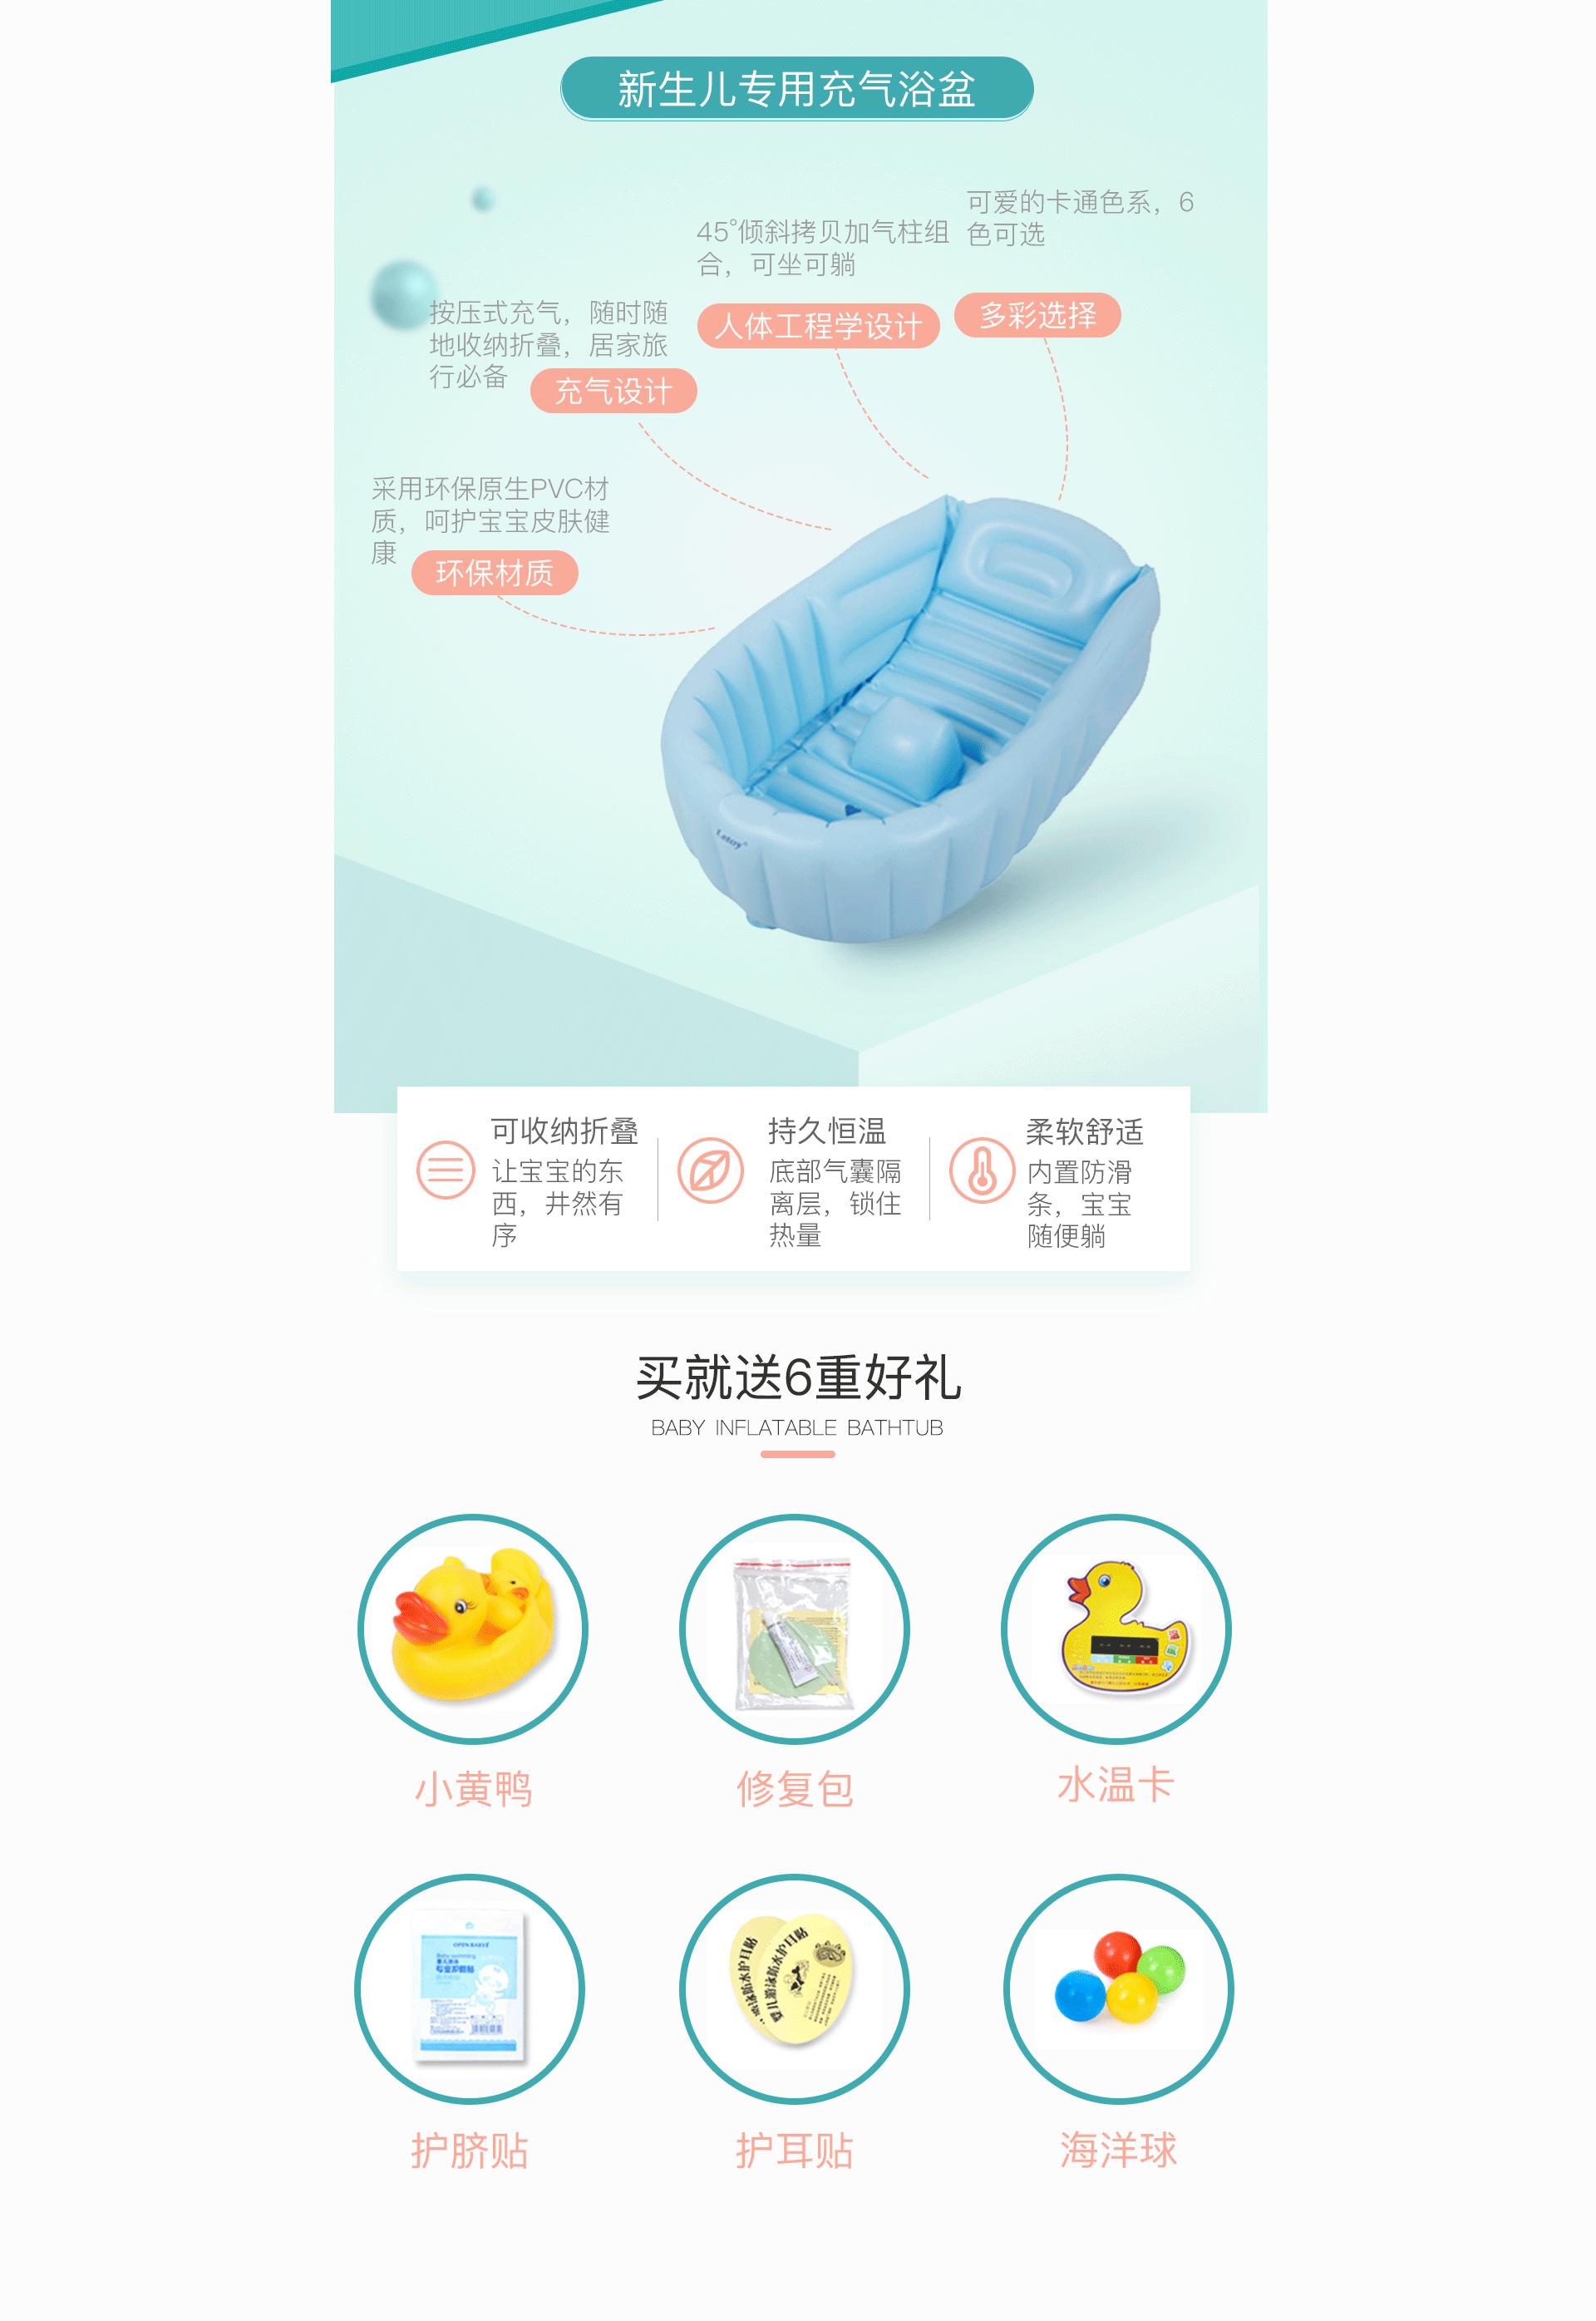 乐僮系列新品介绍